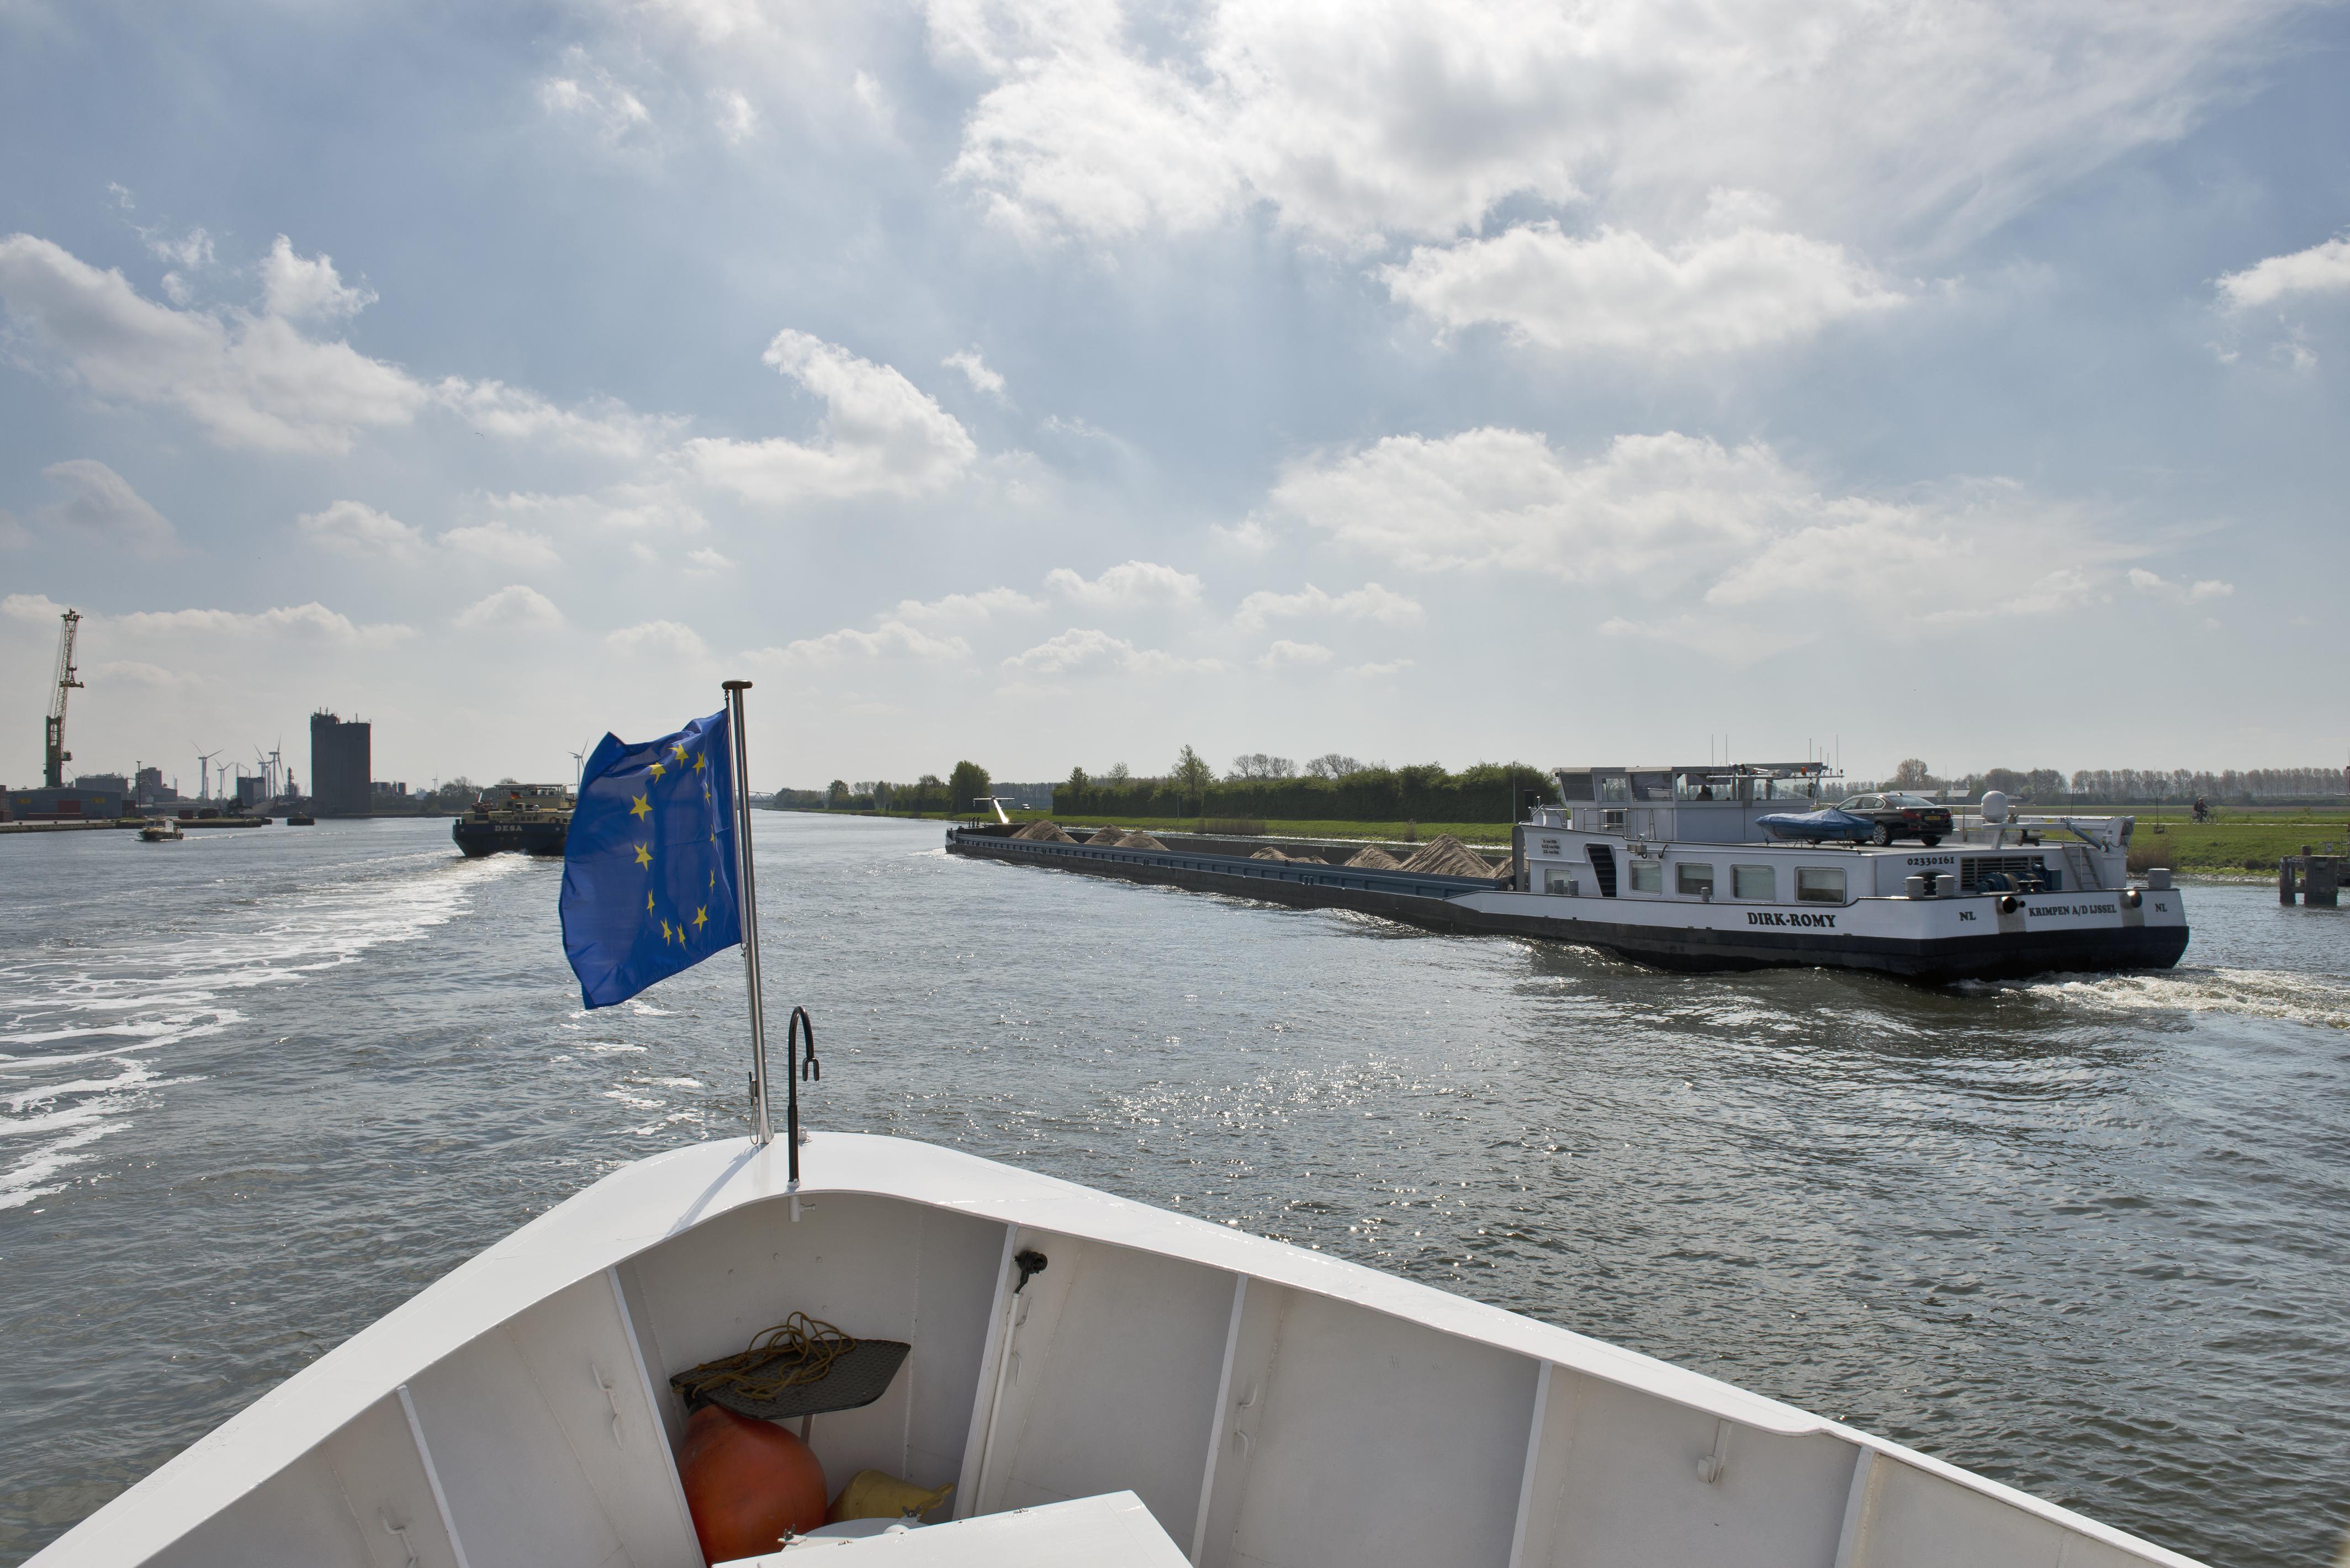 Wapperende Europese vlag